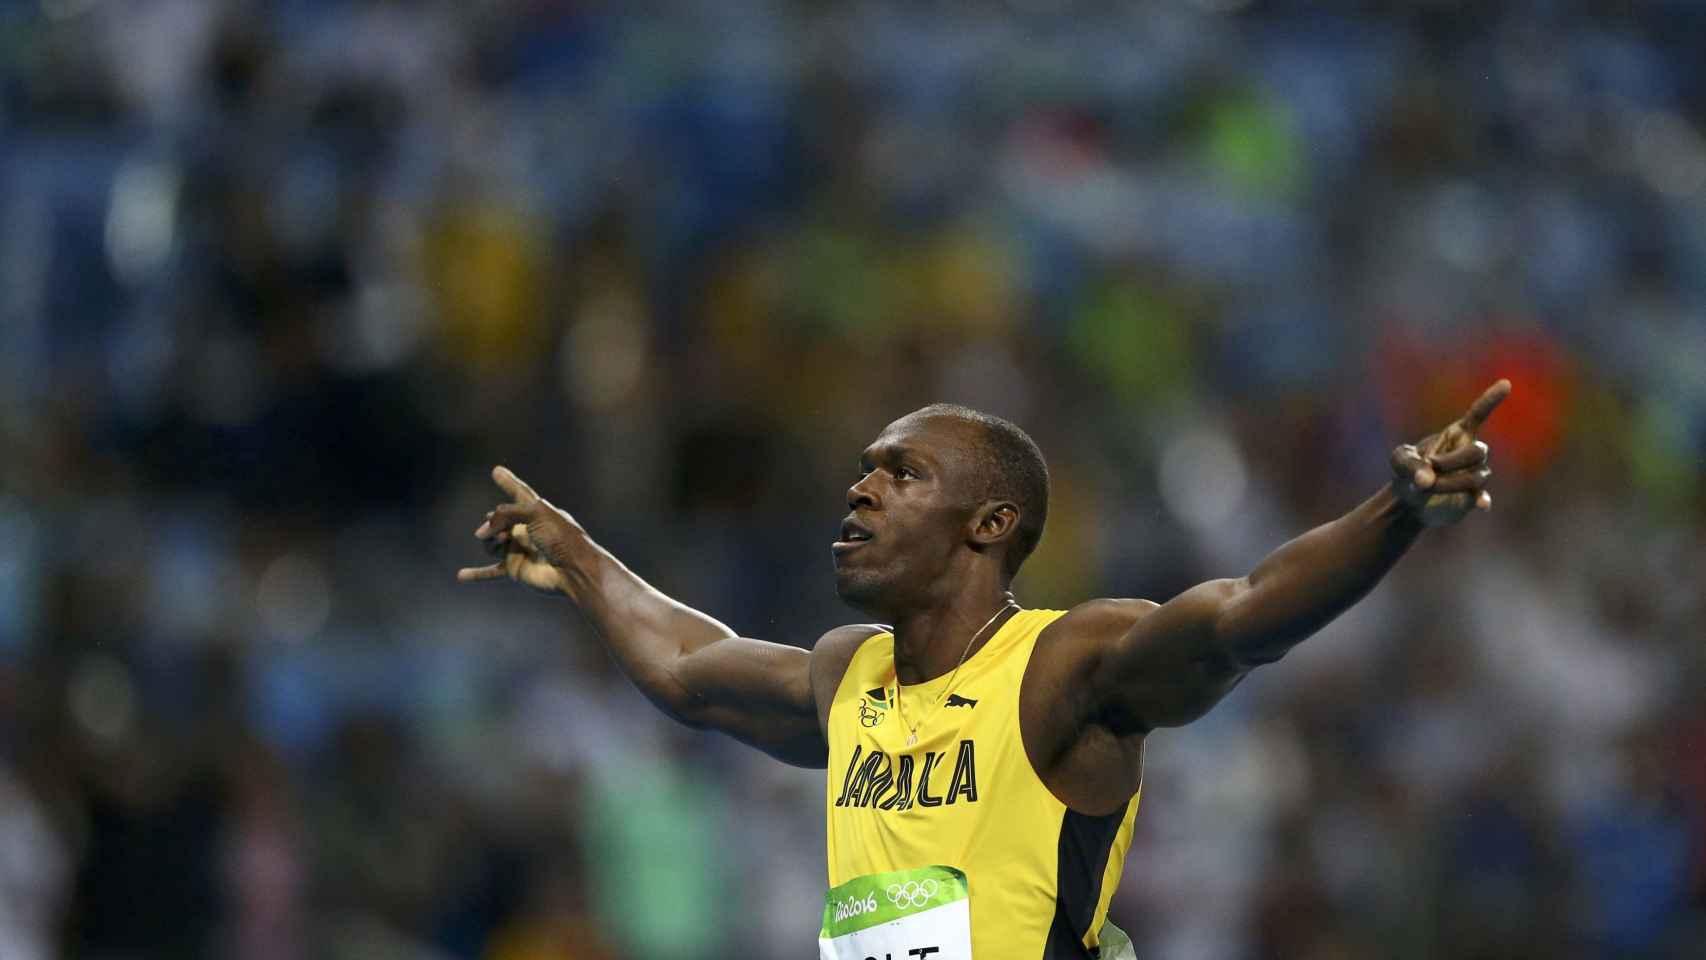 Bolt celebra el oro en el 200.